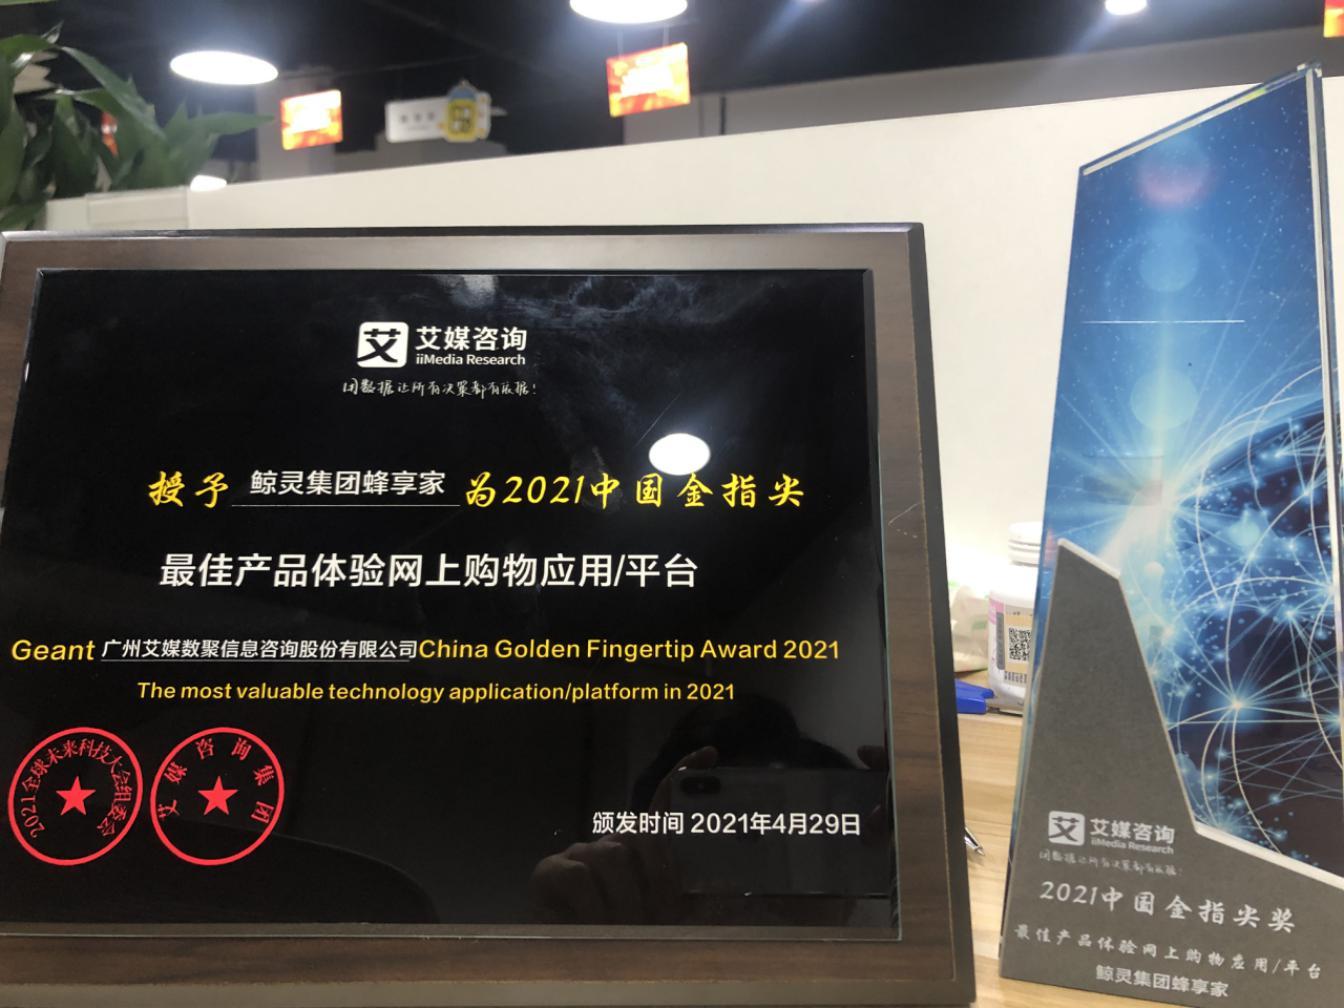 鲸鱼集团蜂享家获2021年中国金指尖奖